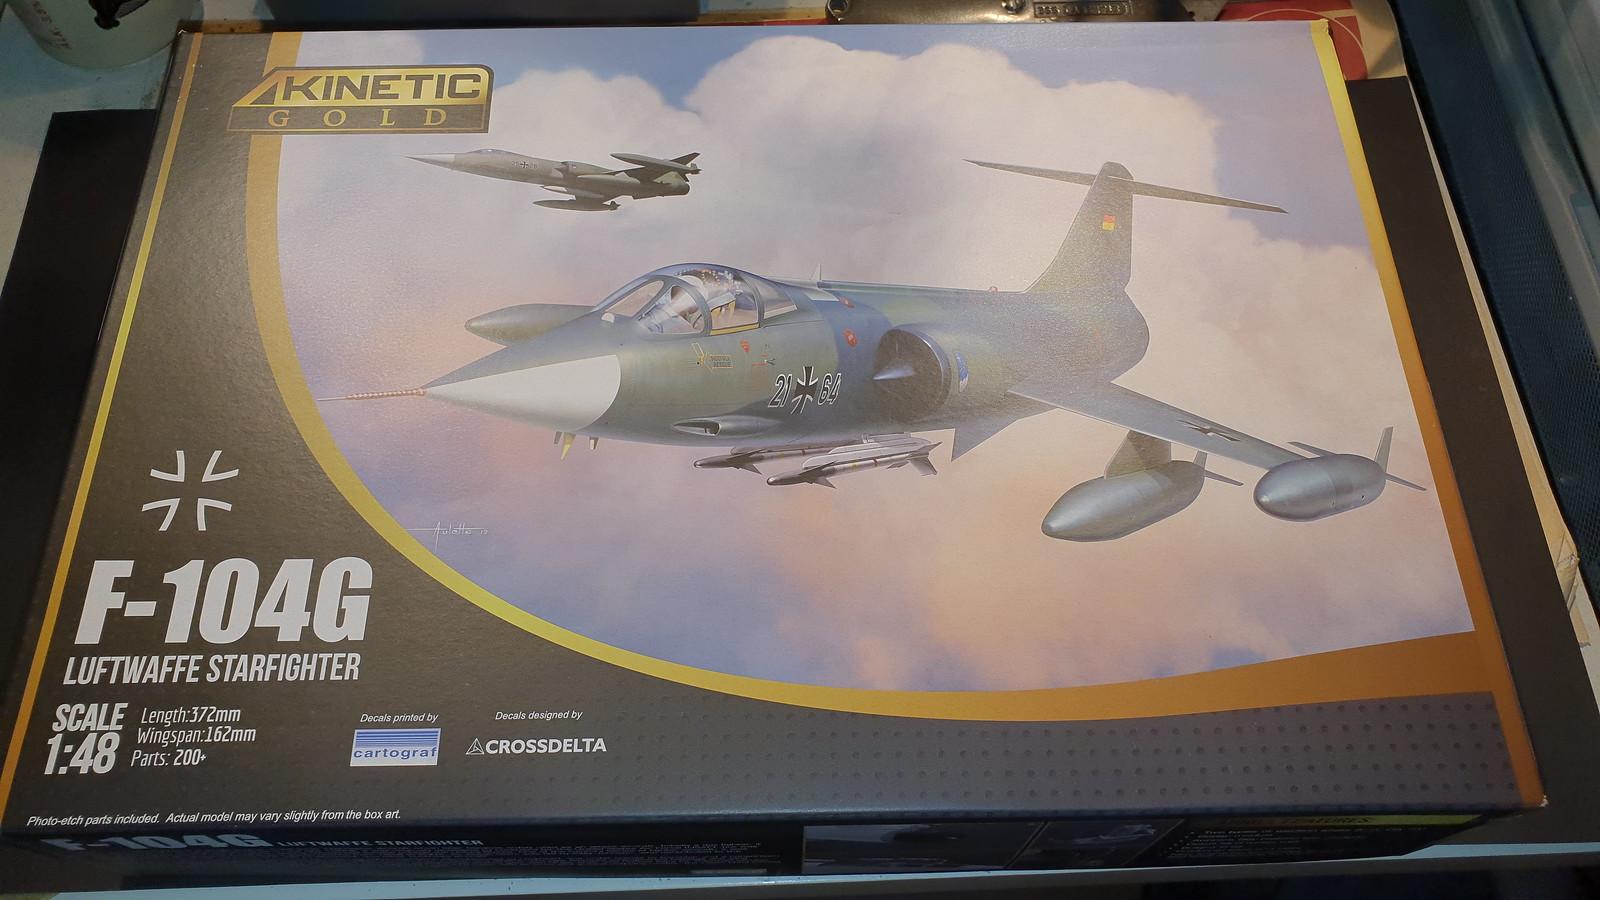 F-104G Starfighter Luftwaffe JaboG 31 24+95 1983 - Kinetic 1/48 49078156377_688d3d7f91_h